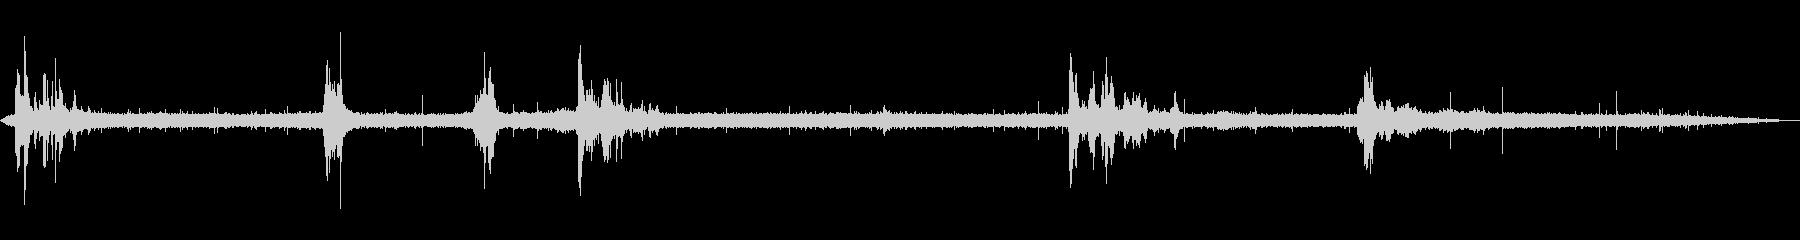 環境音 - 雷雨(雨・遠雷)の未再生の波形